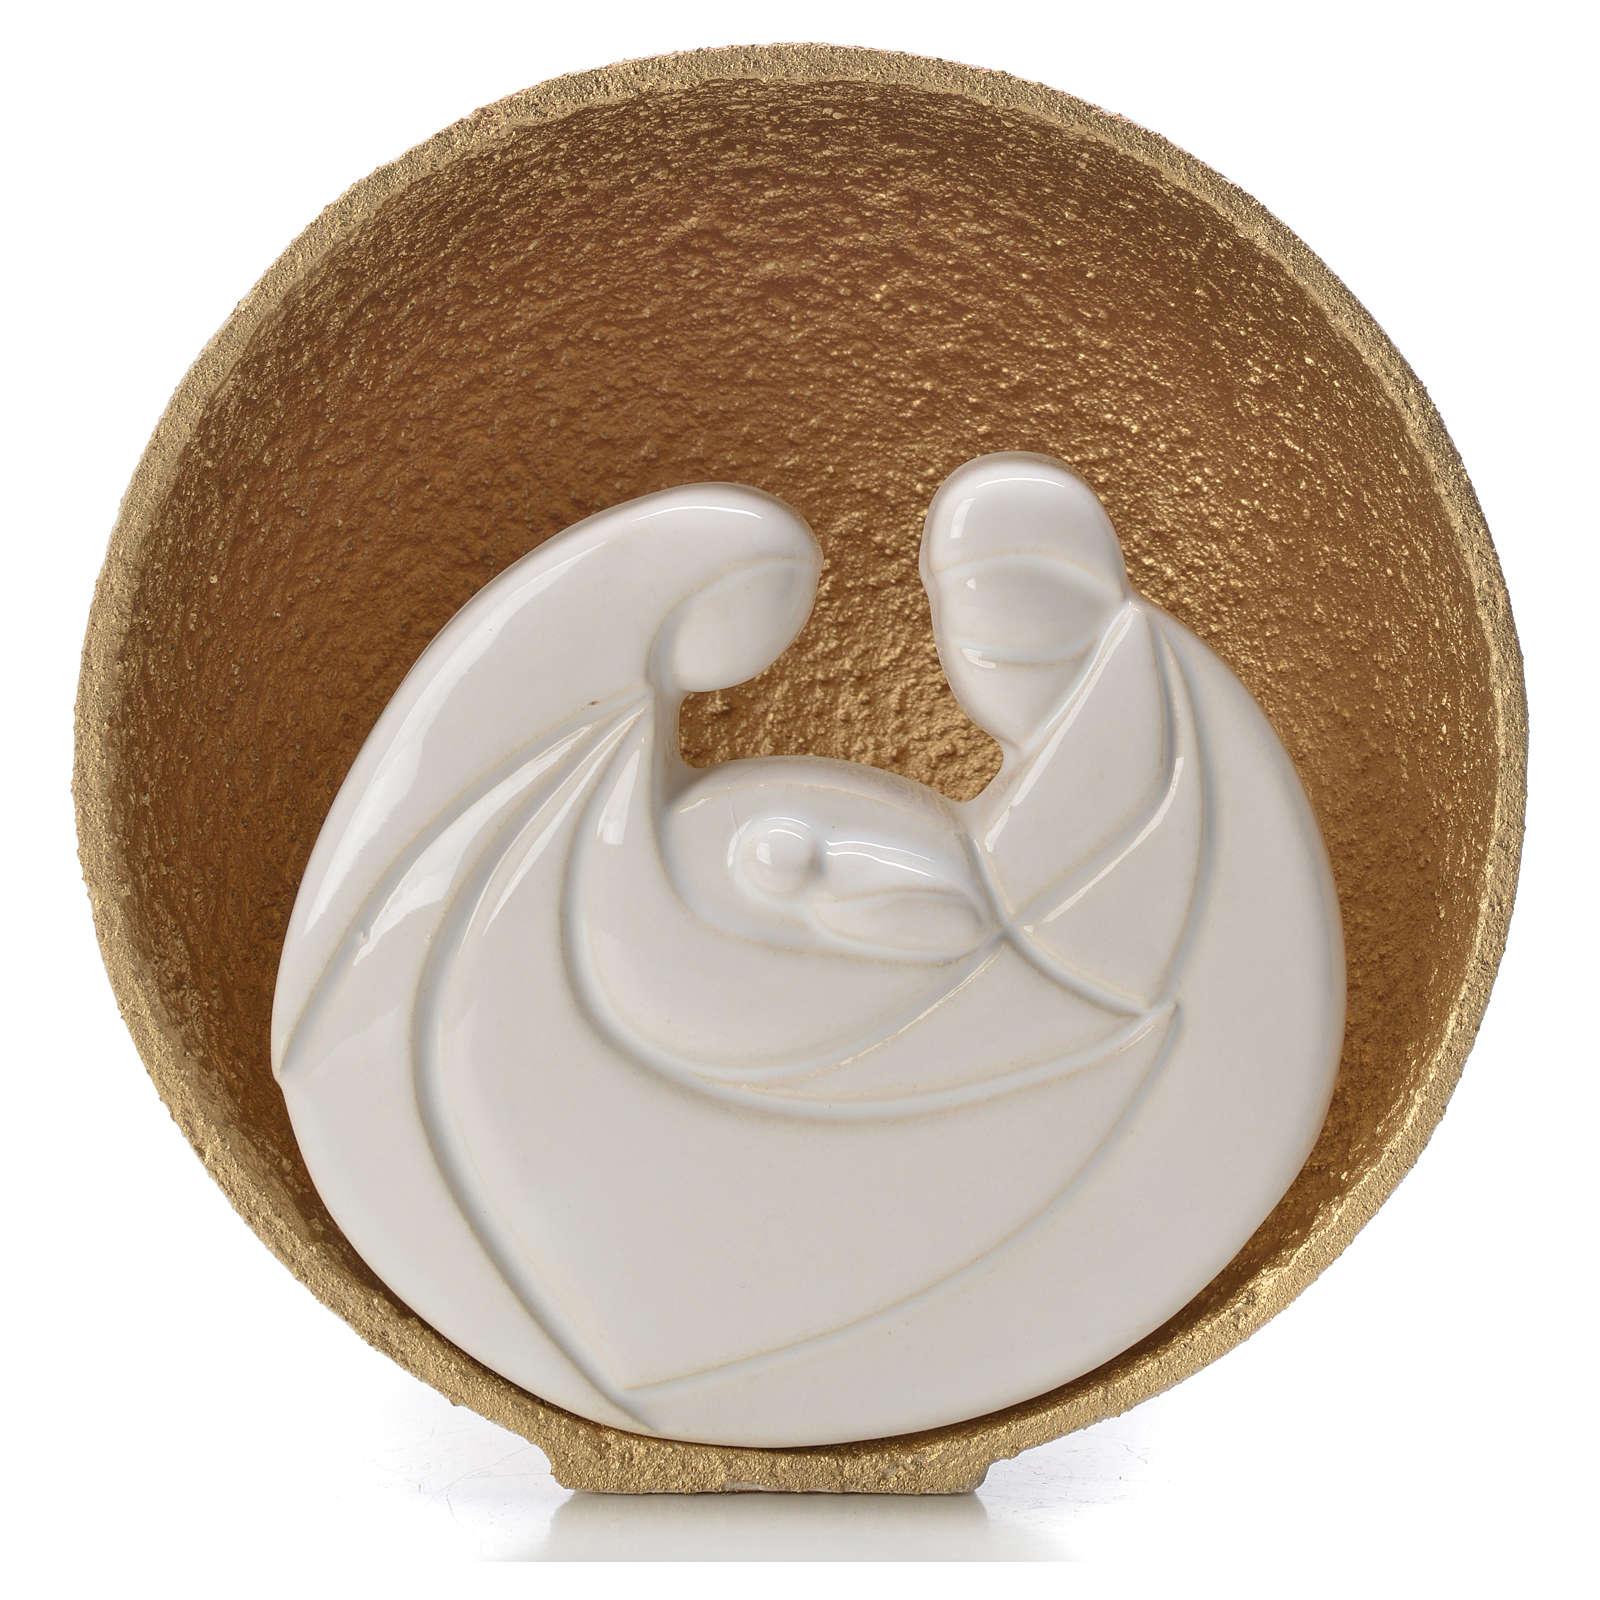 Presepe Perla Gold 14,5 cm argilla refrattaria 3